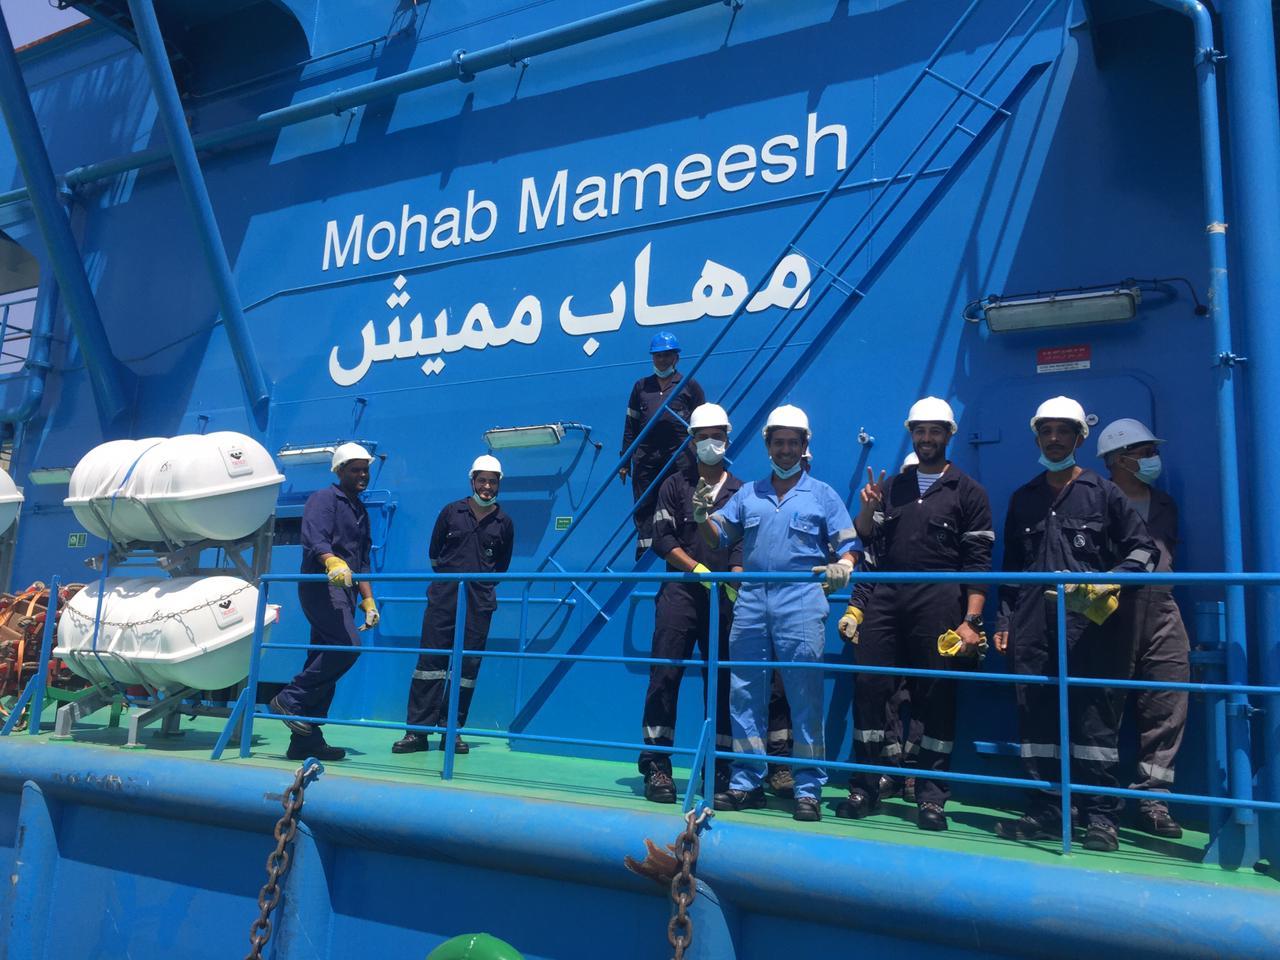 الكراكة مهاب مميش (3)